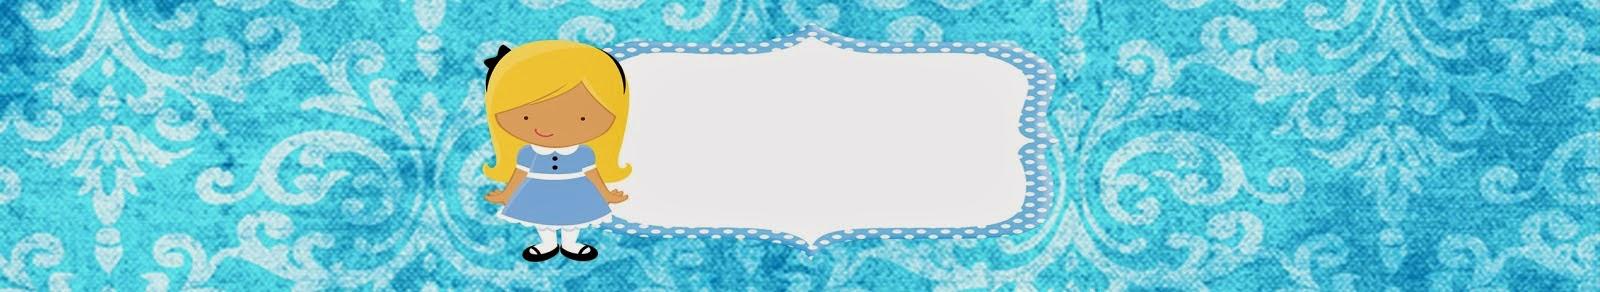 Etiquetas para Imprimir Gratis de Alicia Bebé.